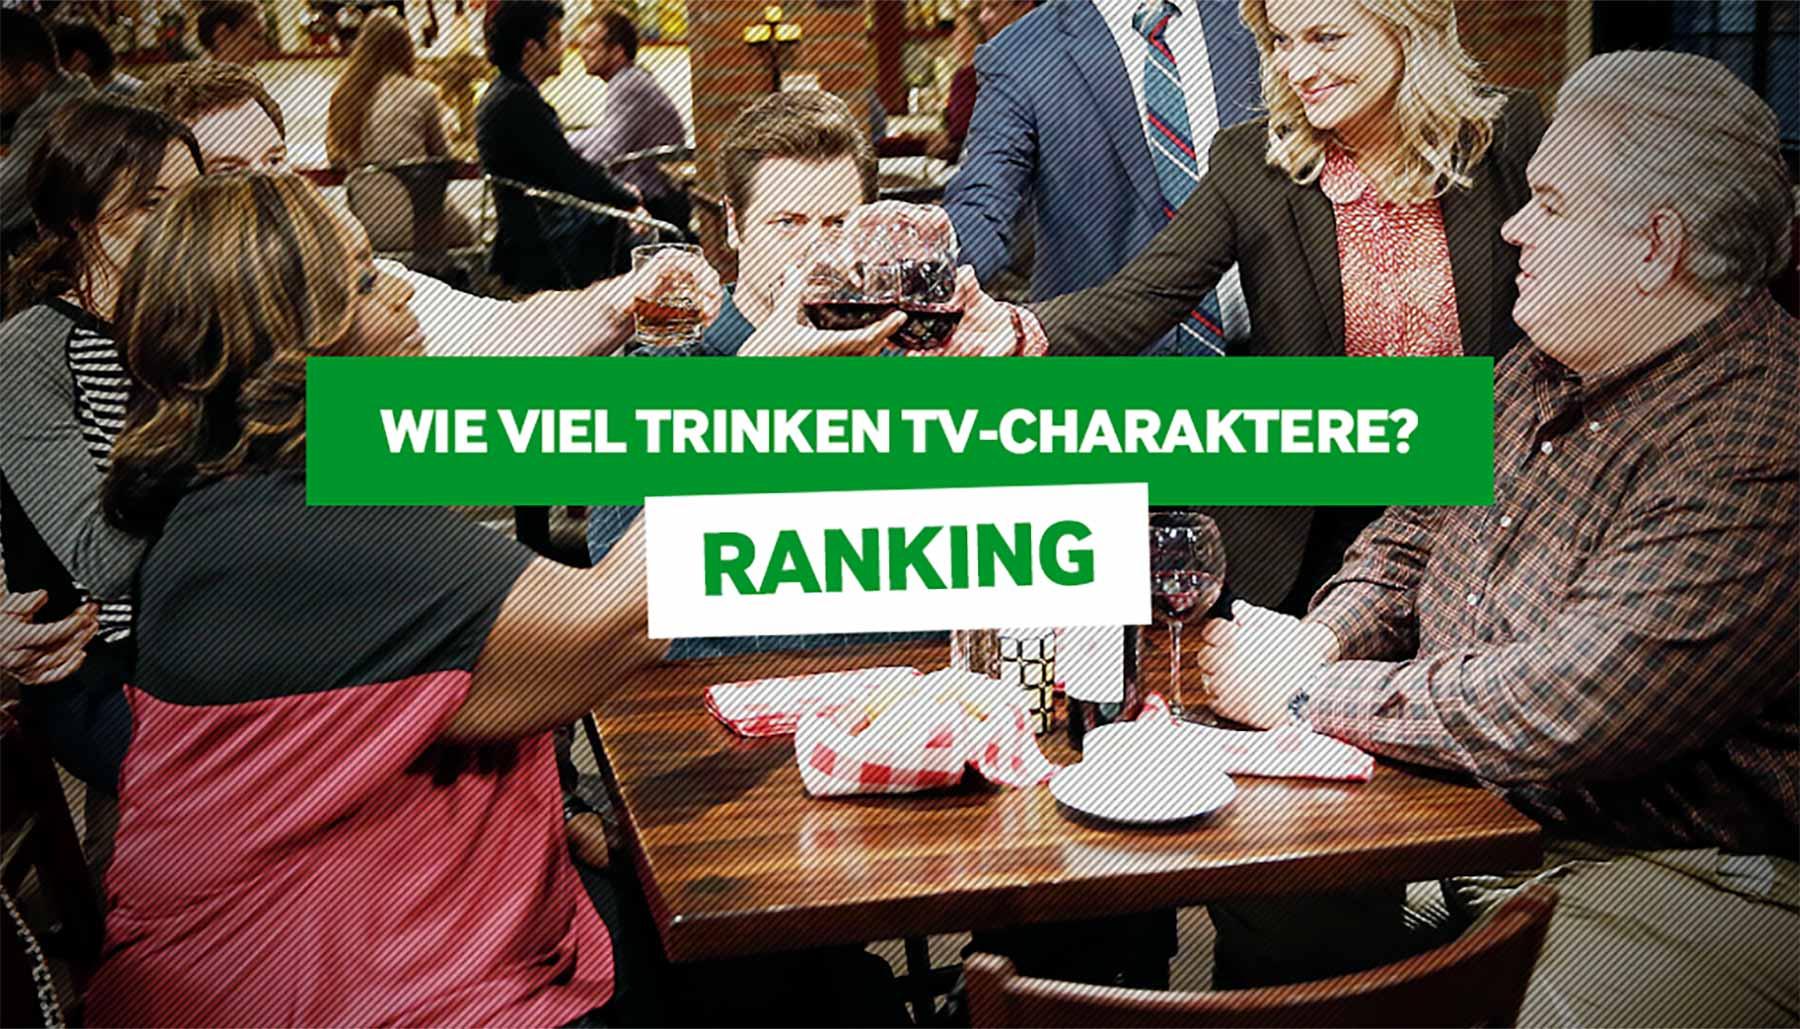 Welche Seriencharaktere trinken besonders viel?